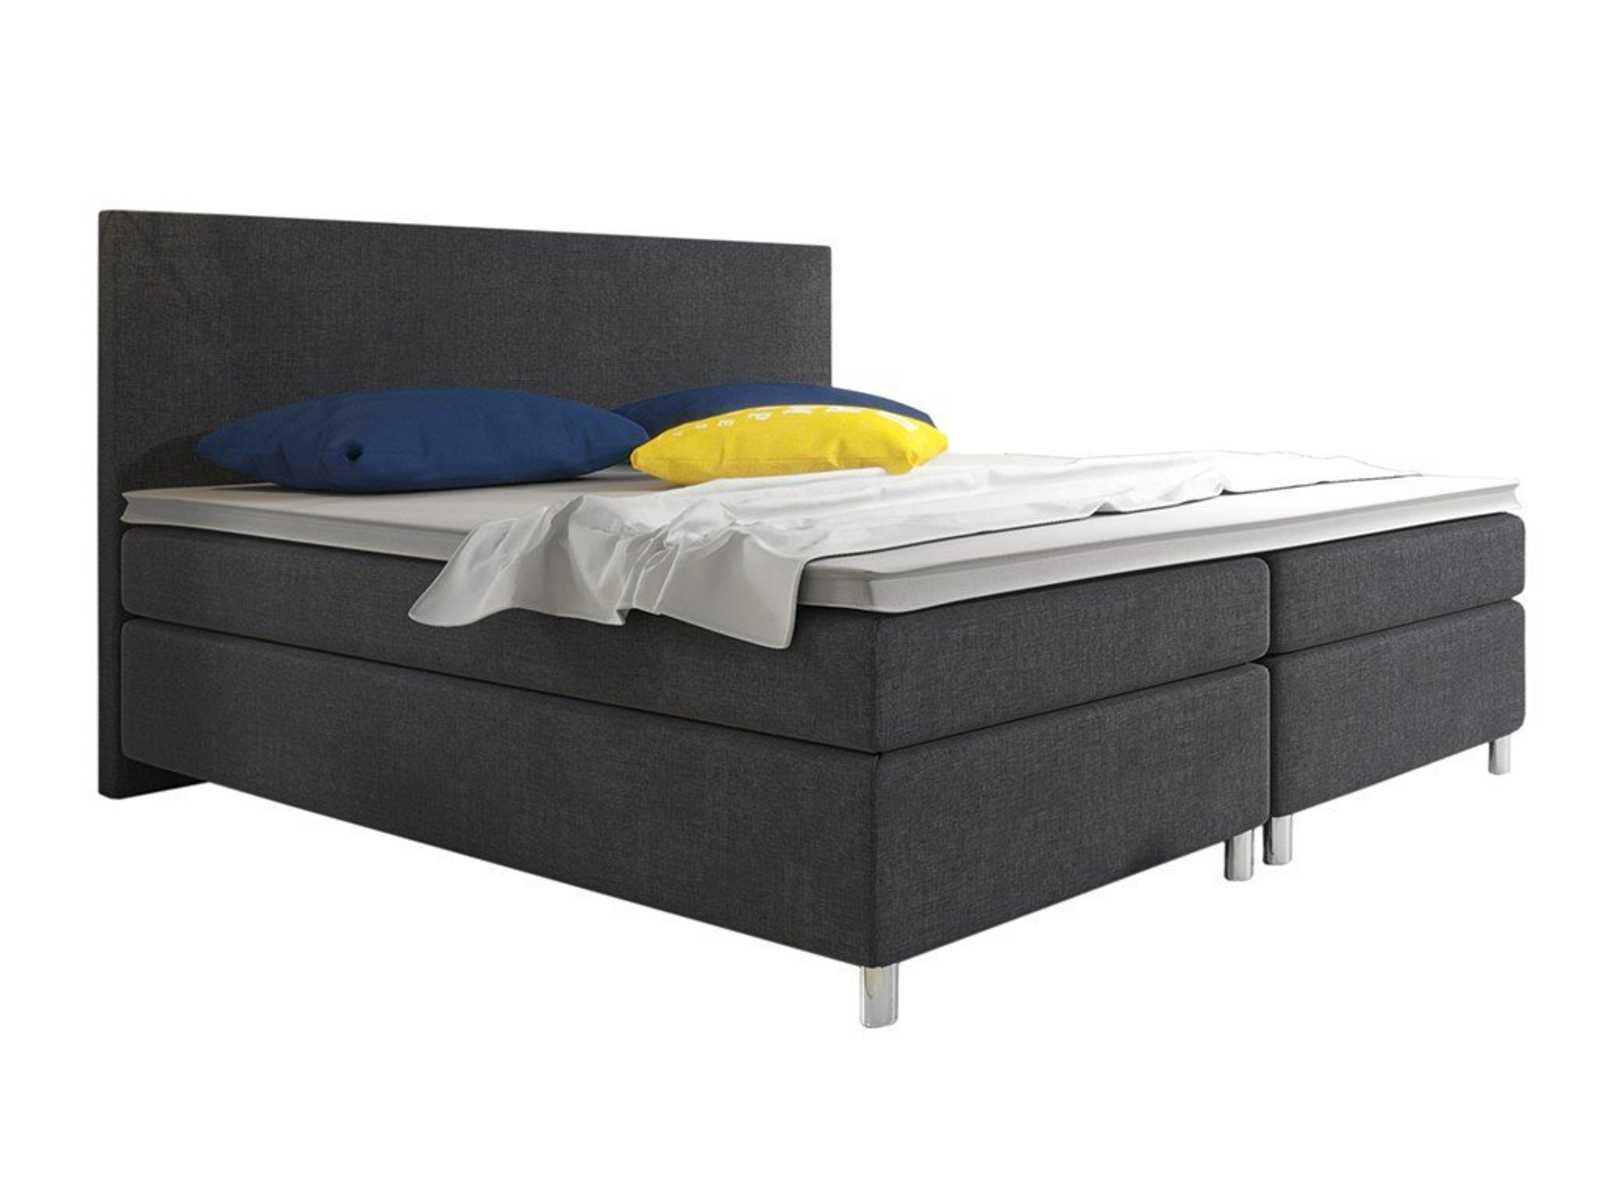 gl ckliche gesichter antenne bayern zahlt ihre rechnung antenne bayern. Black Bedroom Furniture Sets. Home Design Ideas